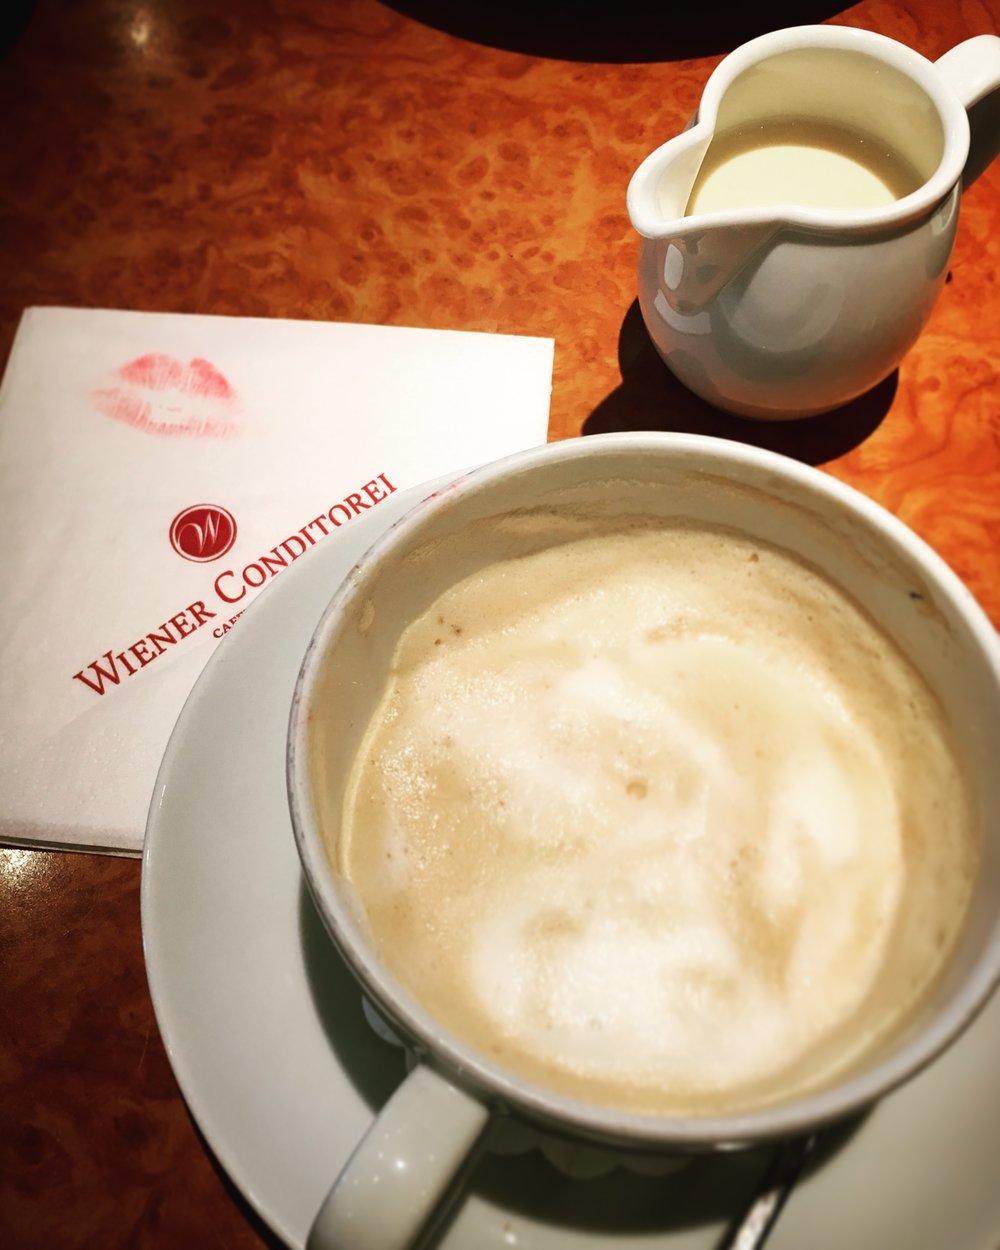 Wiener-Conditorei-Kaffee-Klatsch